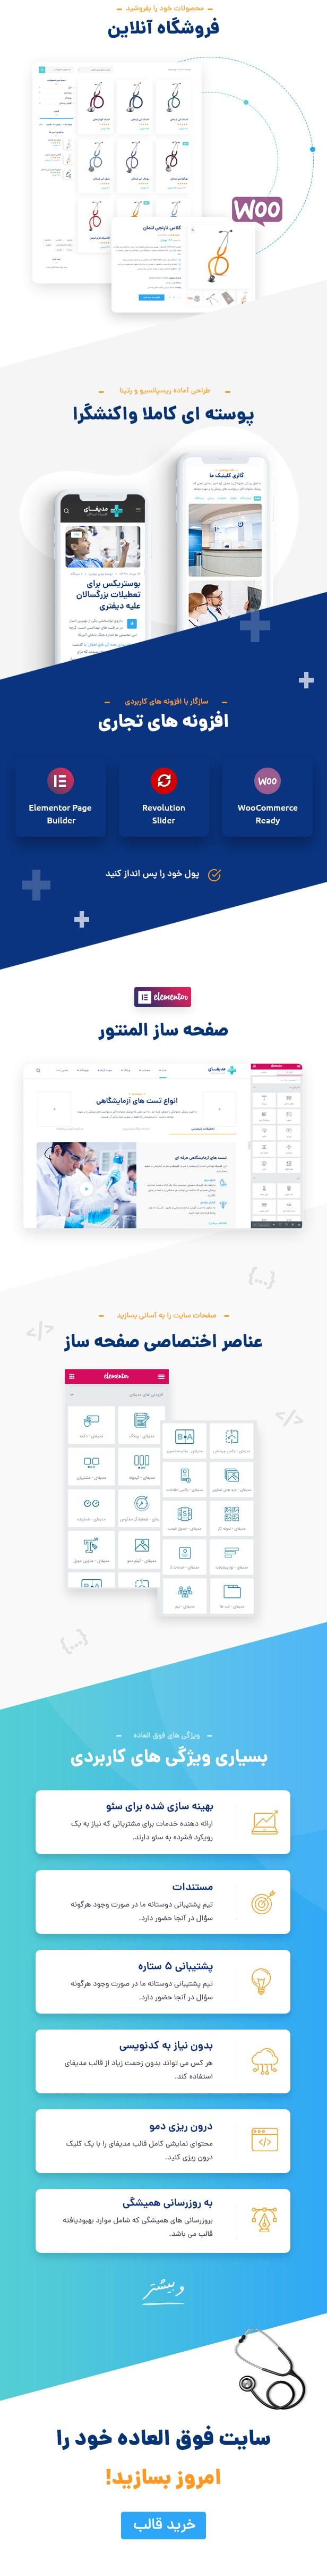 قالب Medify قالب وردپرس حرفه ای پزشکی